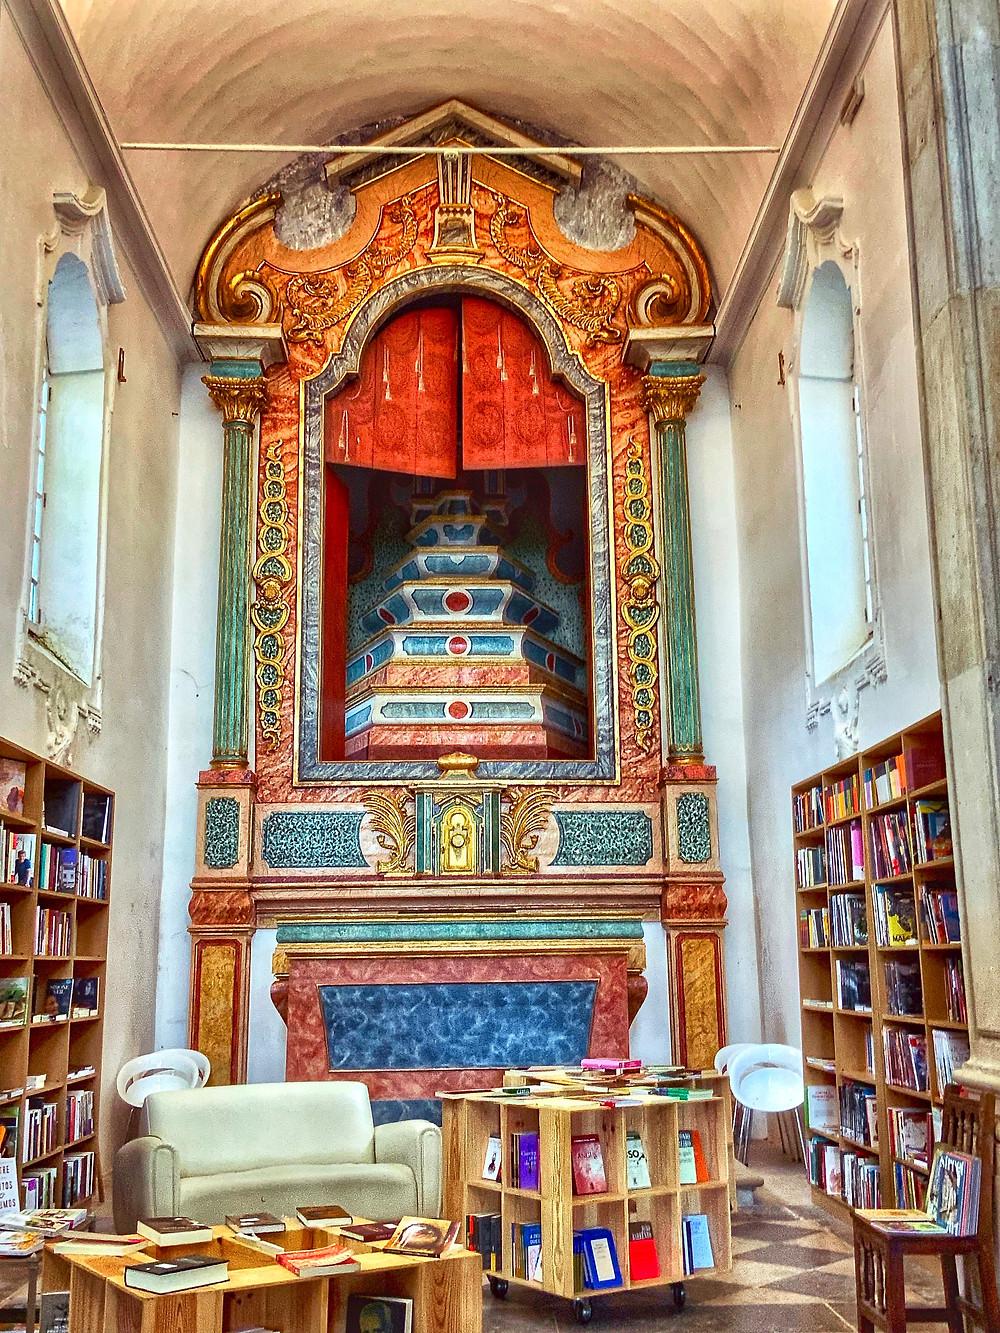 Livraria de Sao Tiago in Obidos